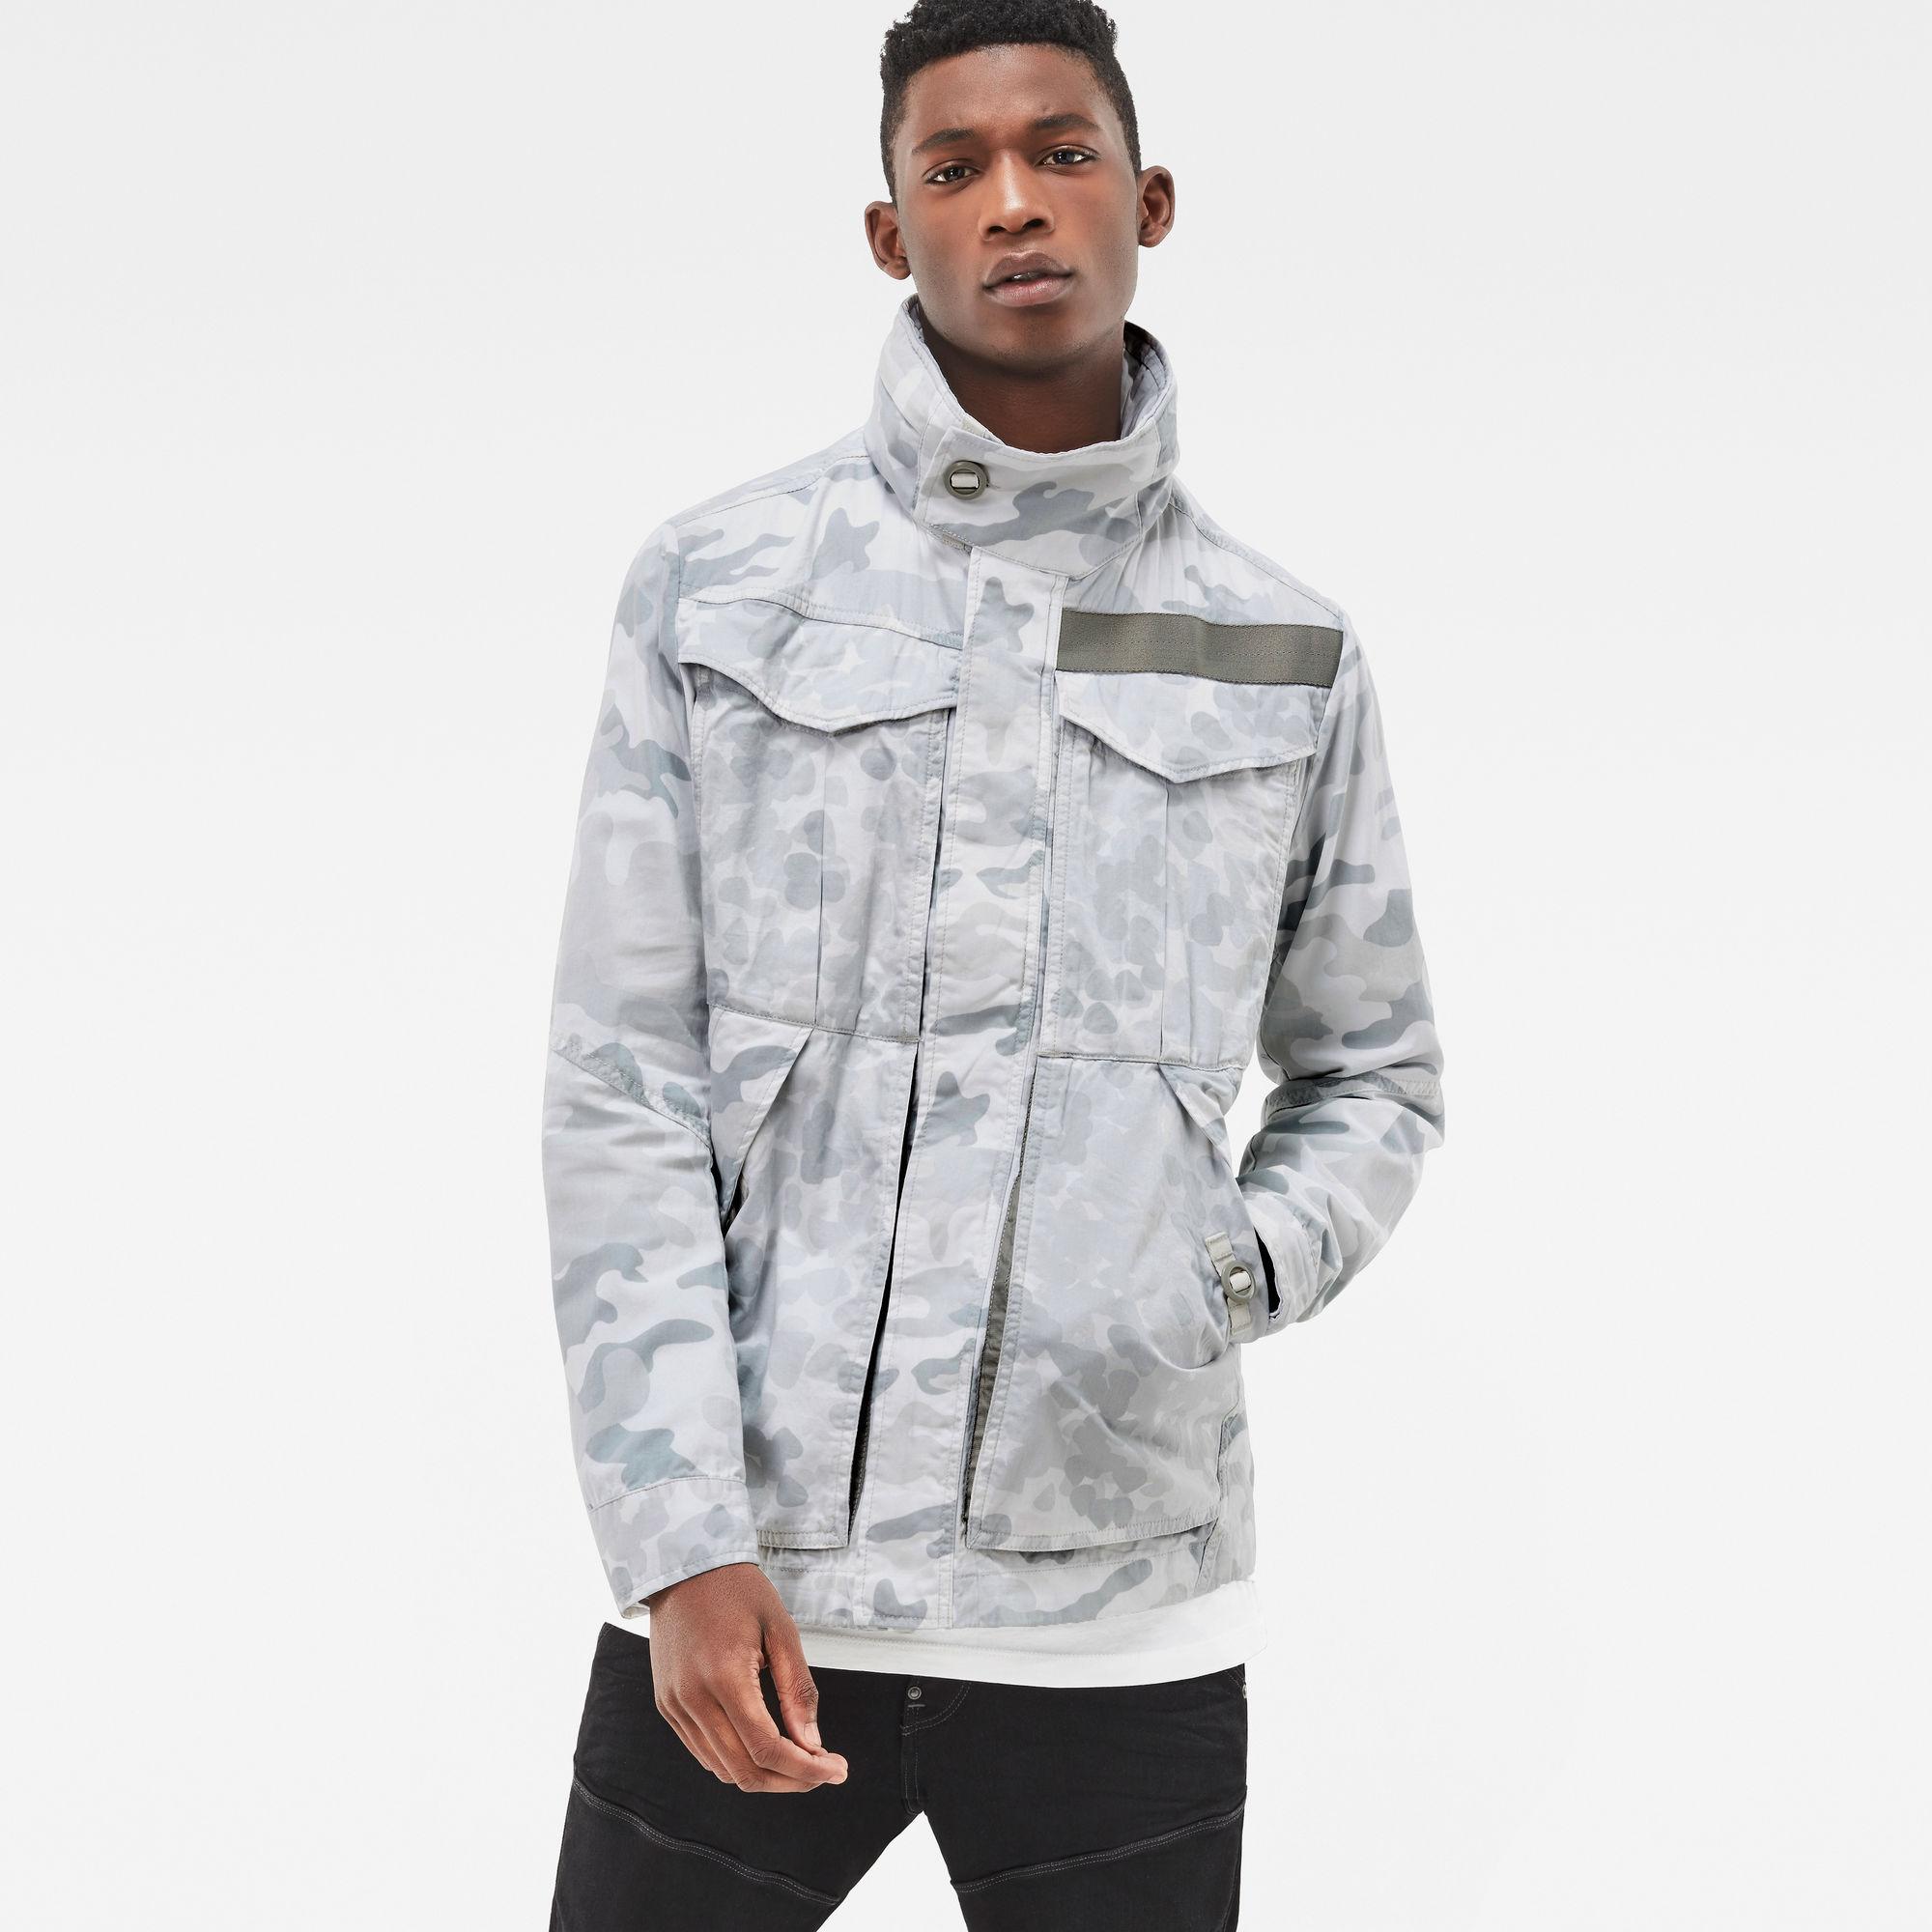 Deline PW Field Jacket